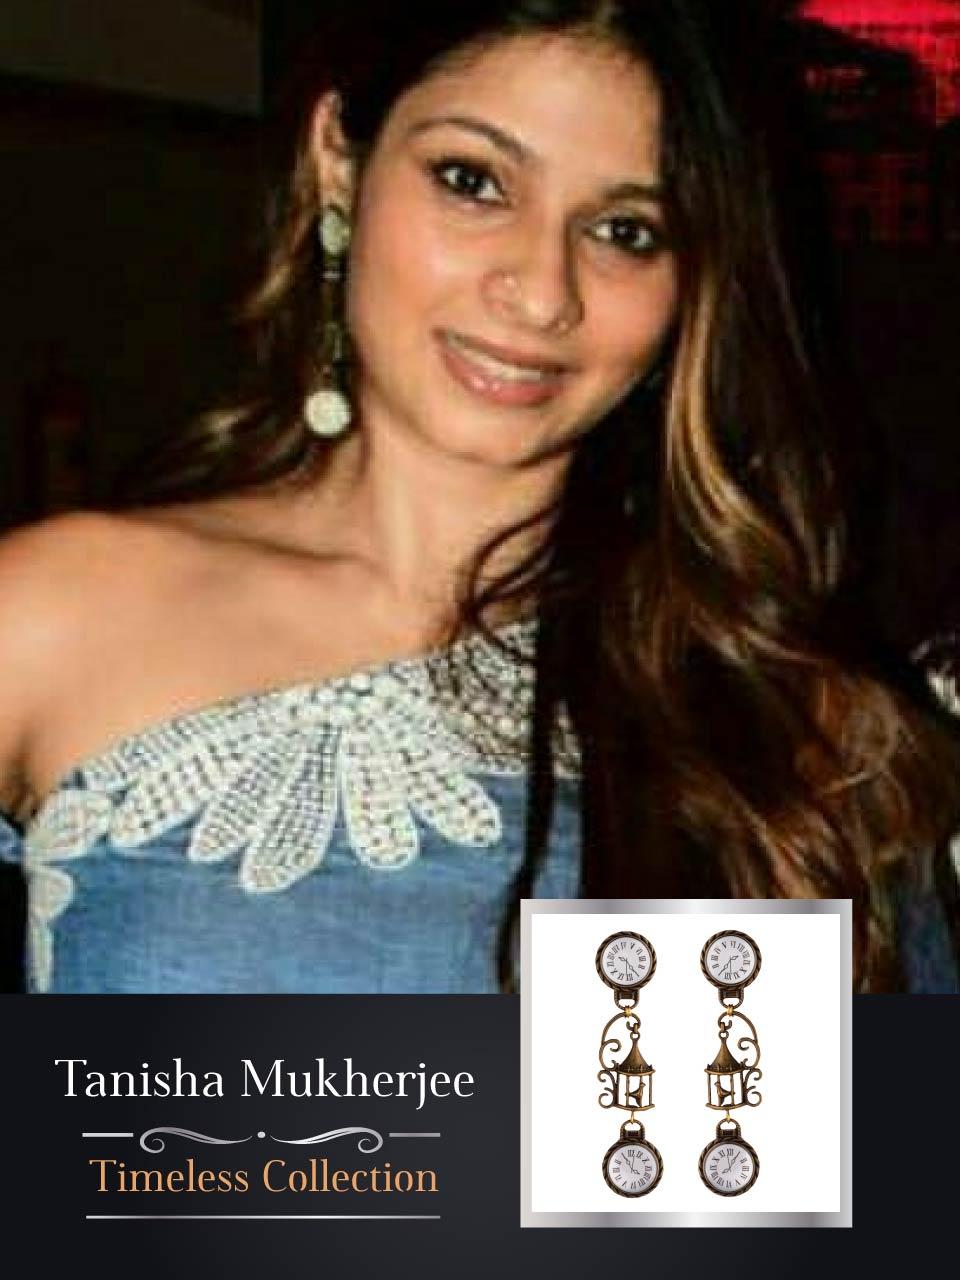 tanisha-mukherjee